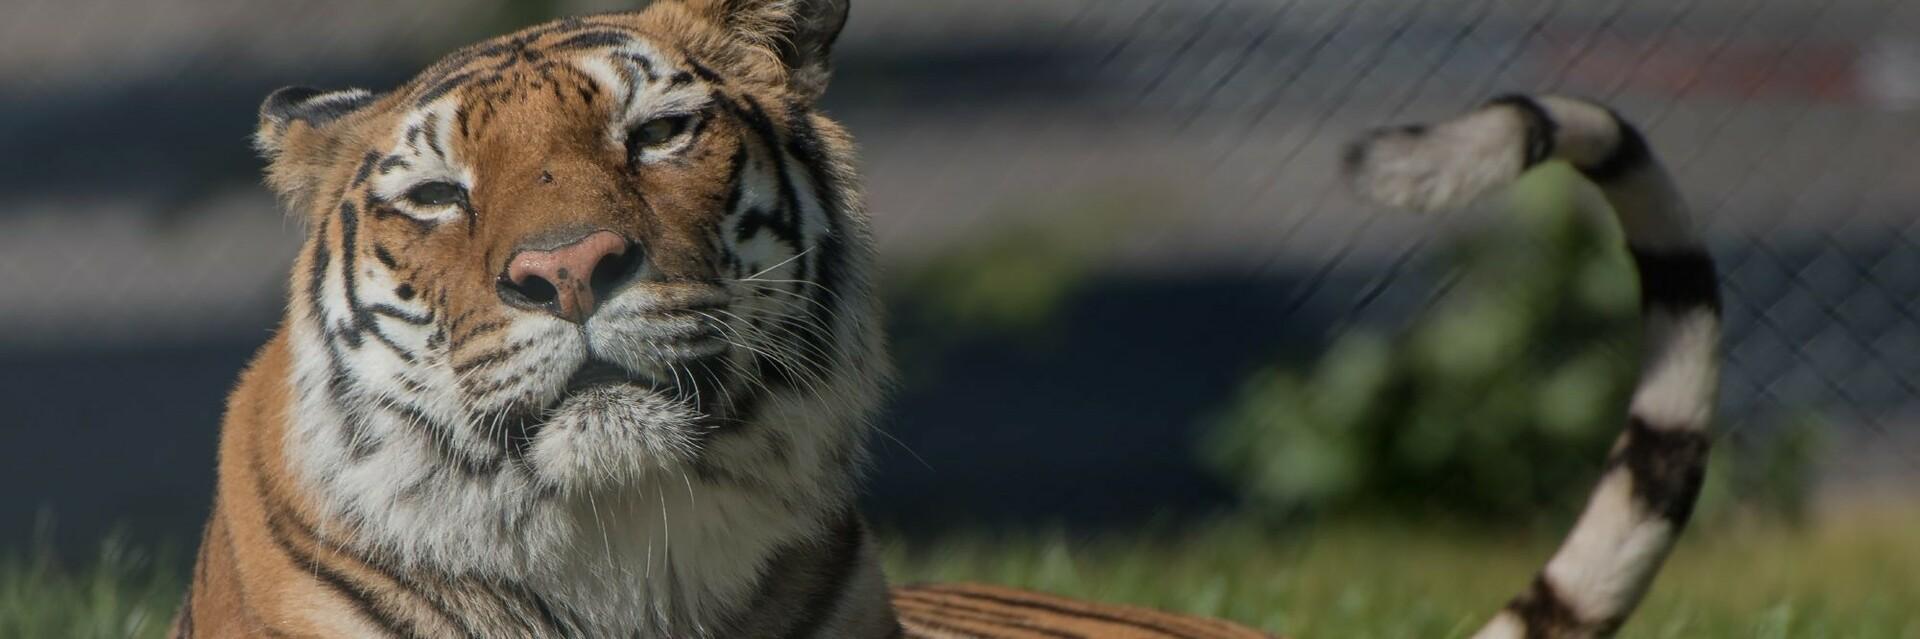 Tiger at TIERART